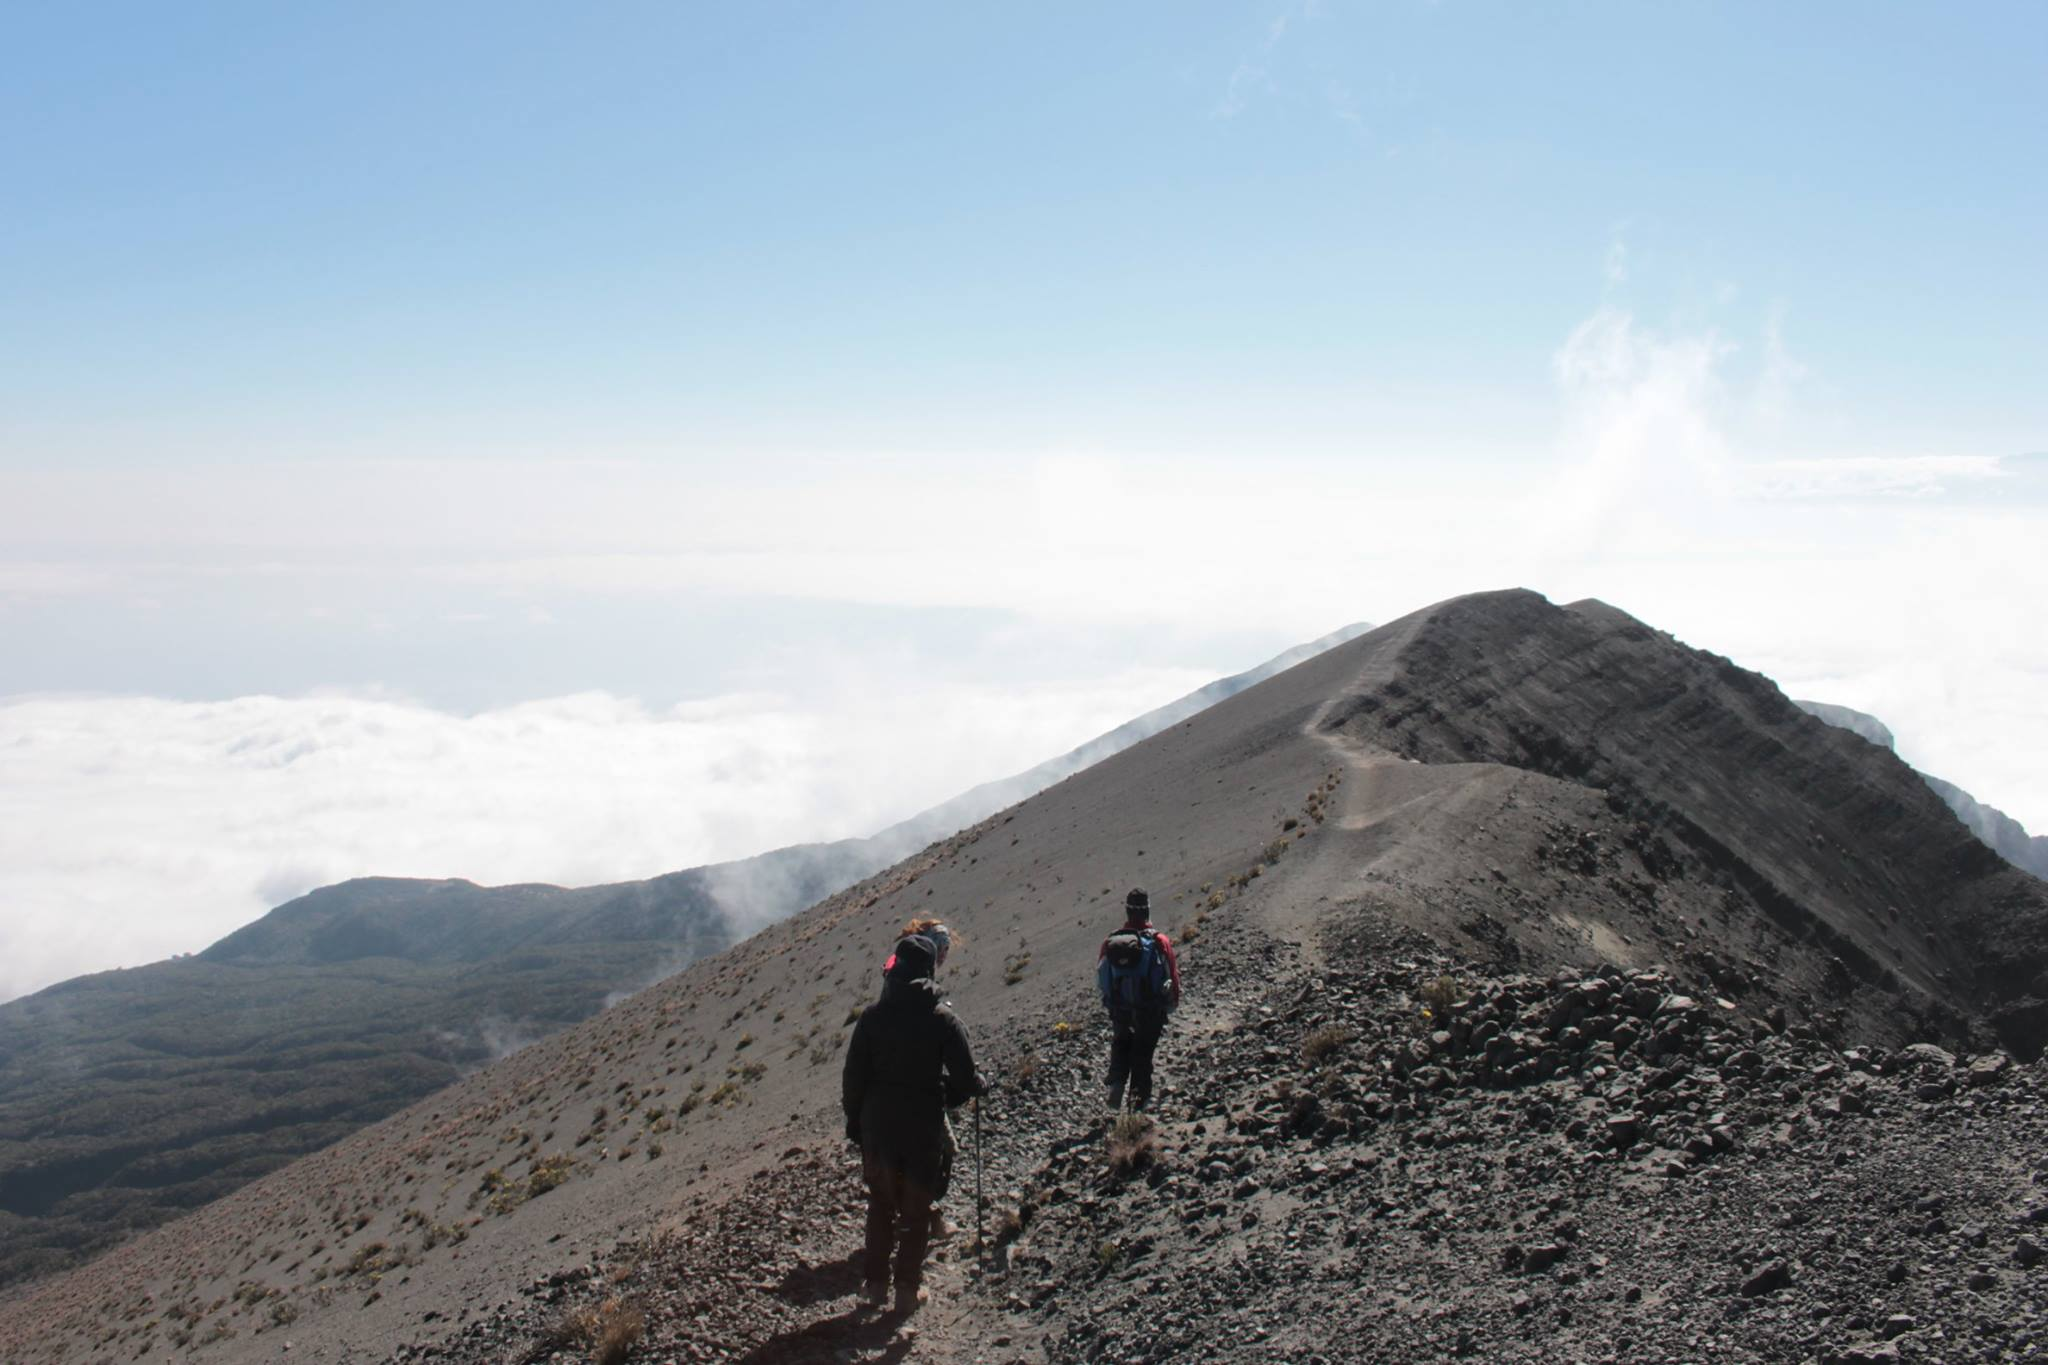 mt-meru-tanzania-climbing